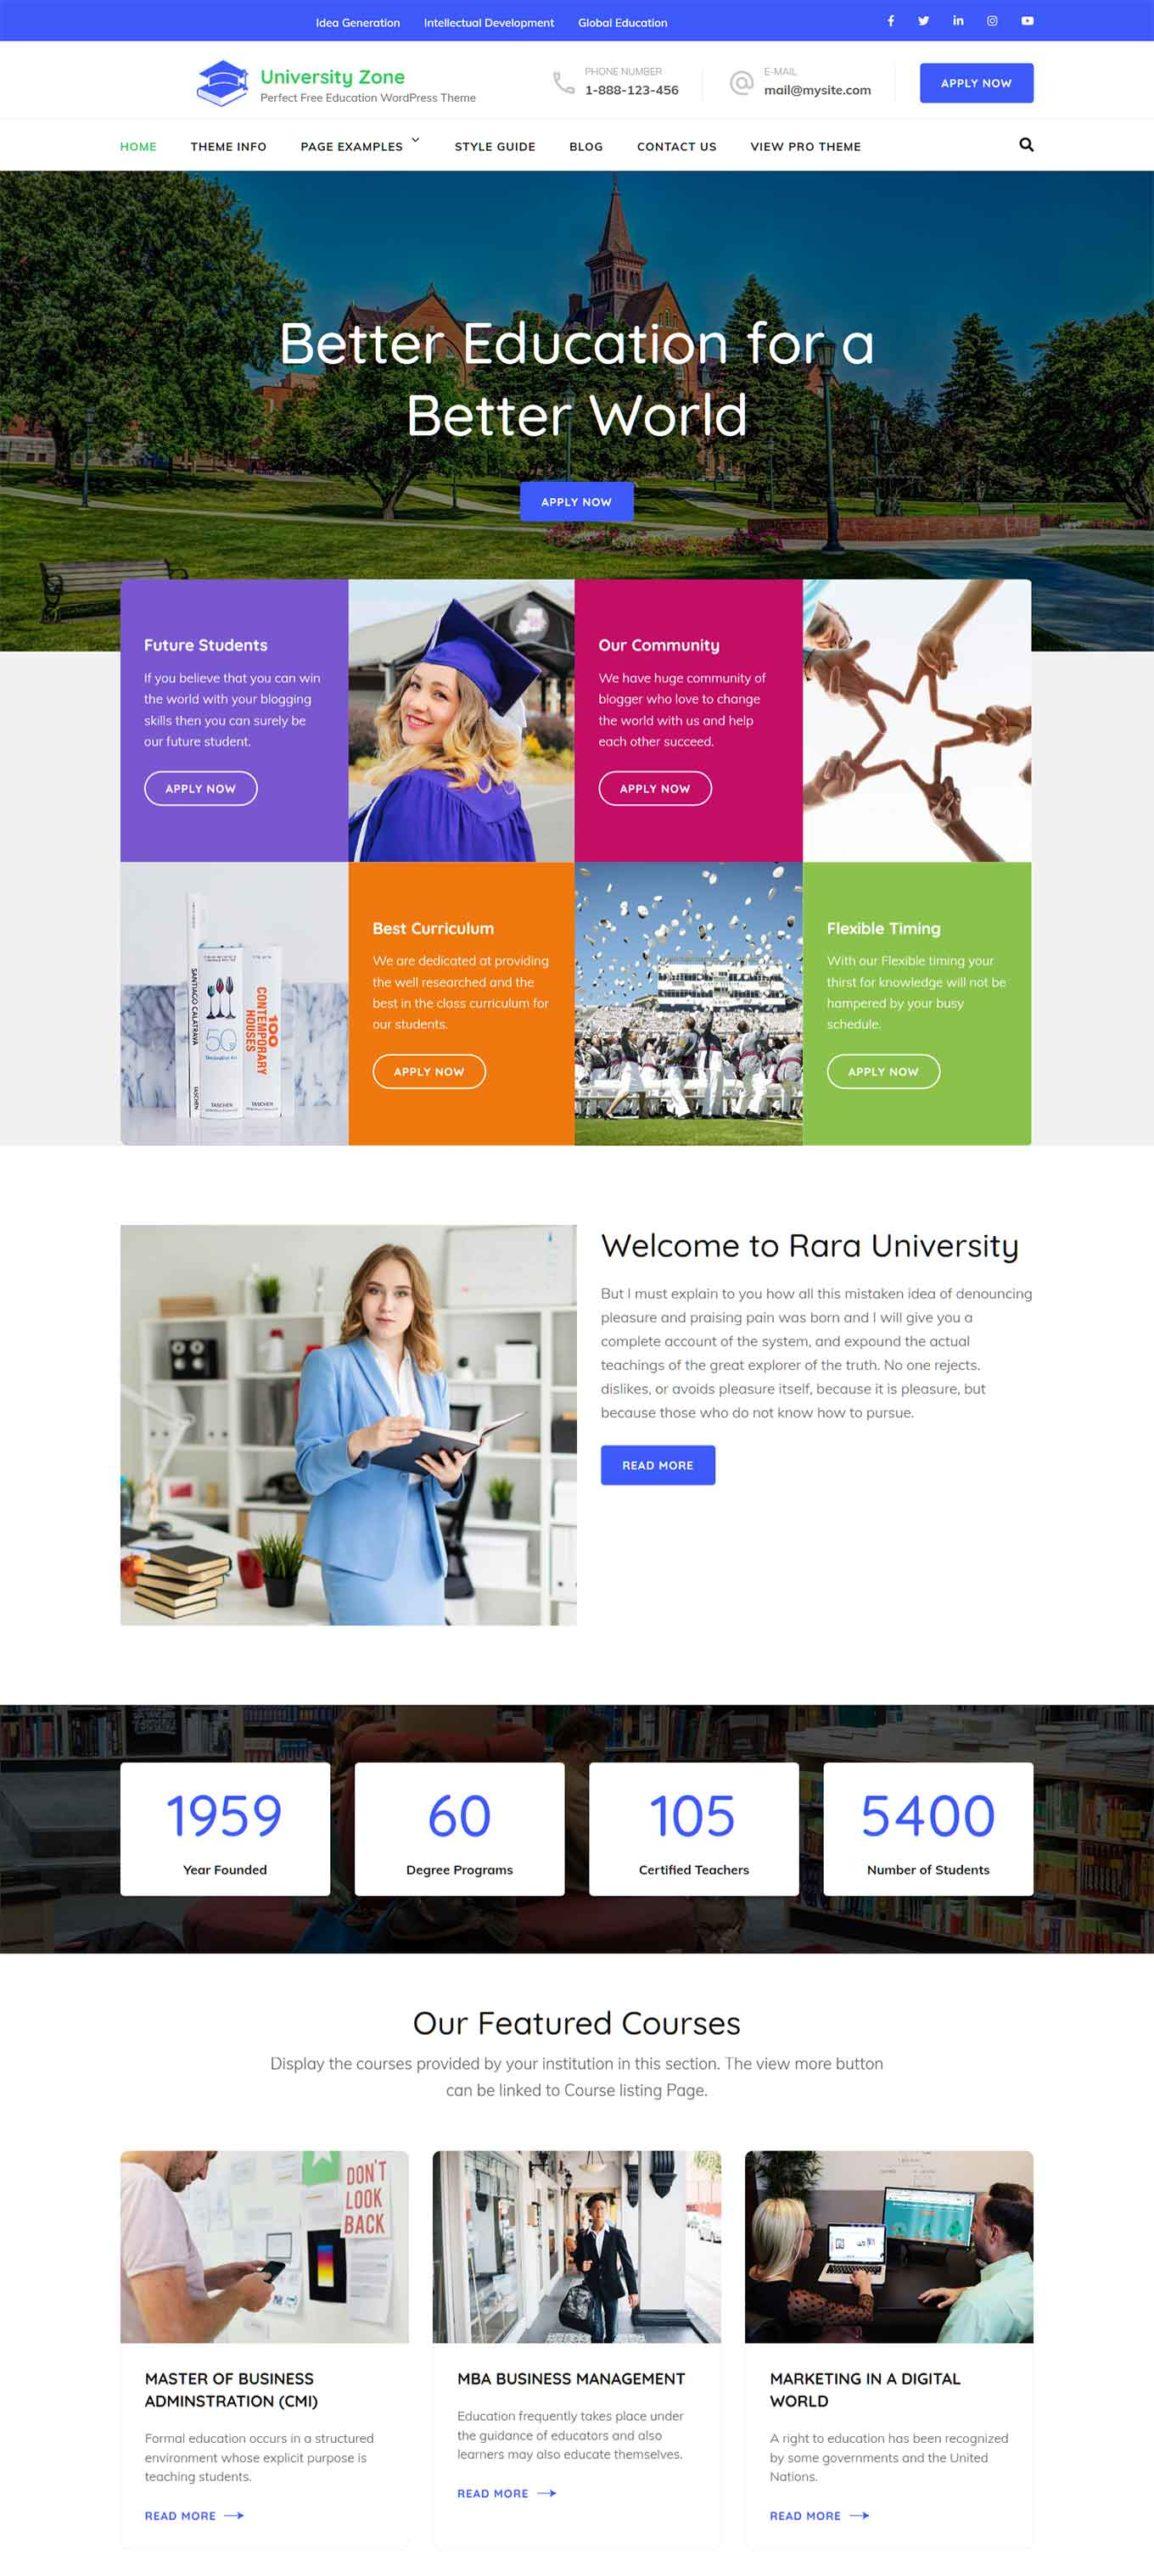 University Zone